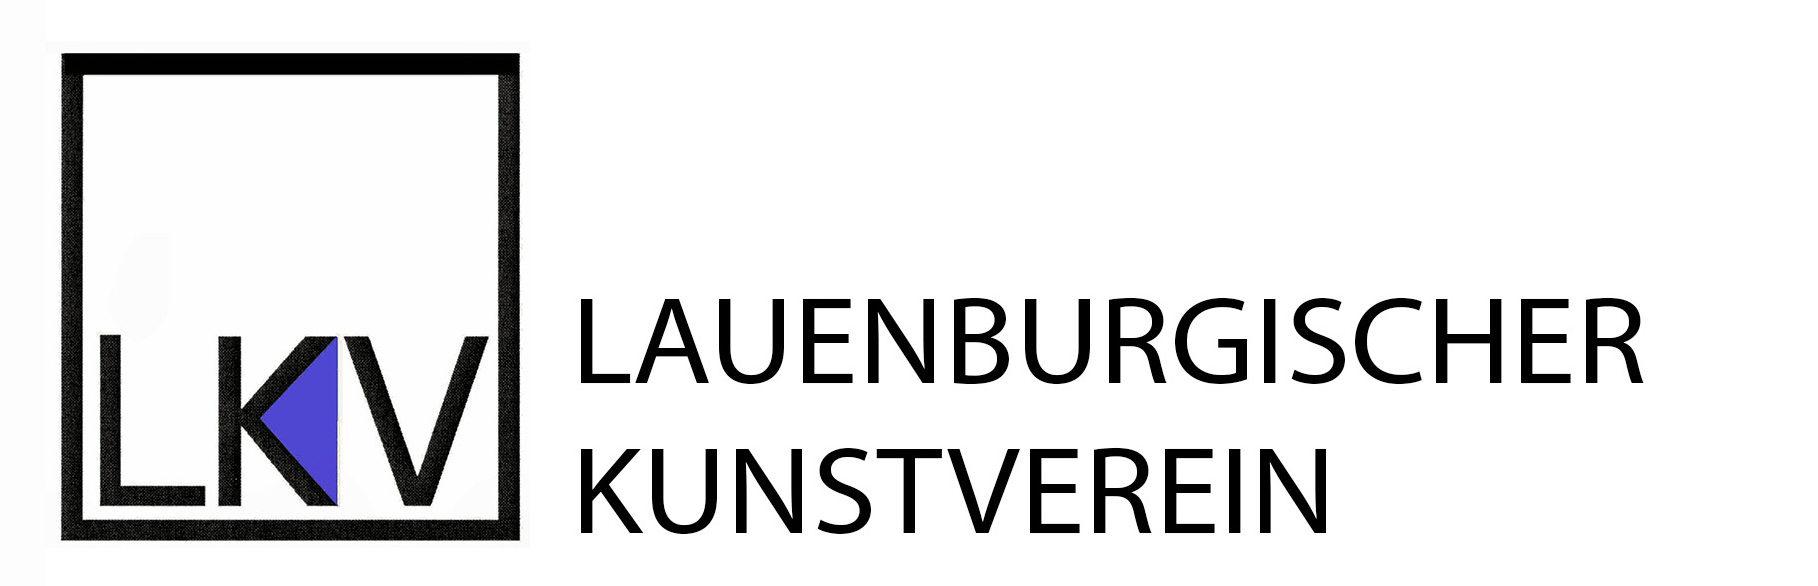 LKV | Lauenburgischer Kunstverein | Kreis Herzogtum Lauenburg